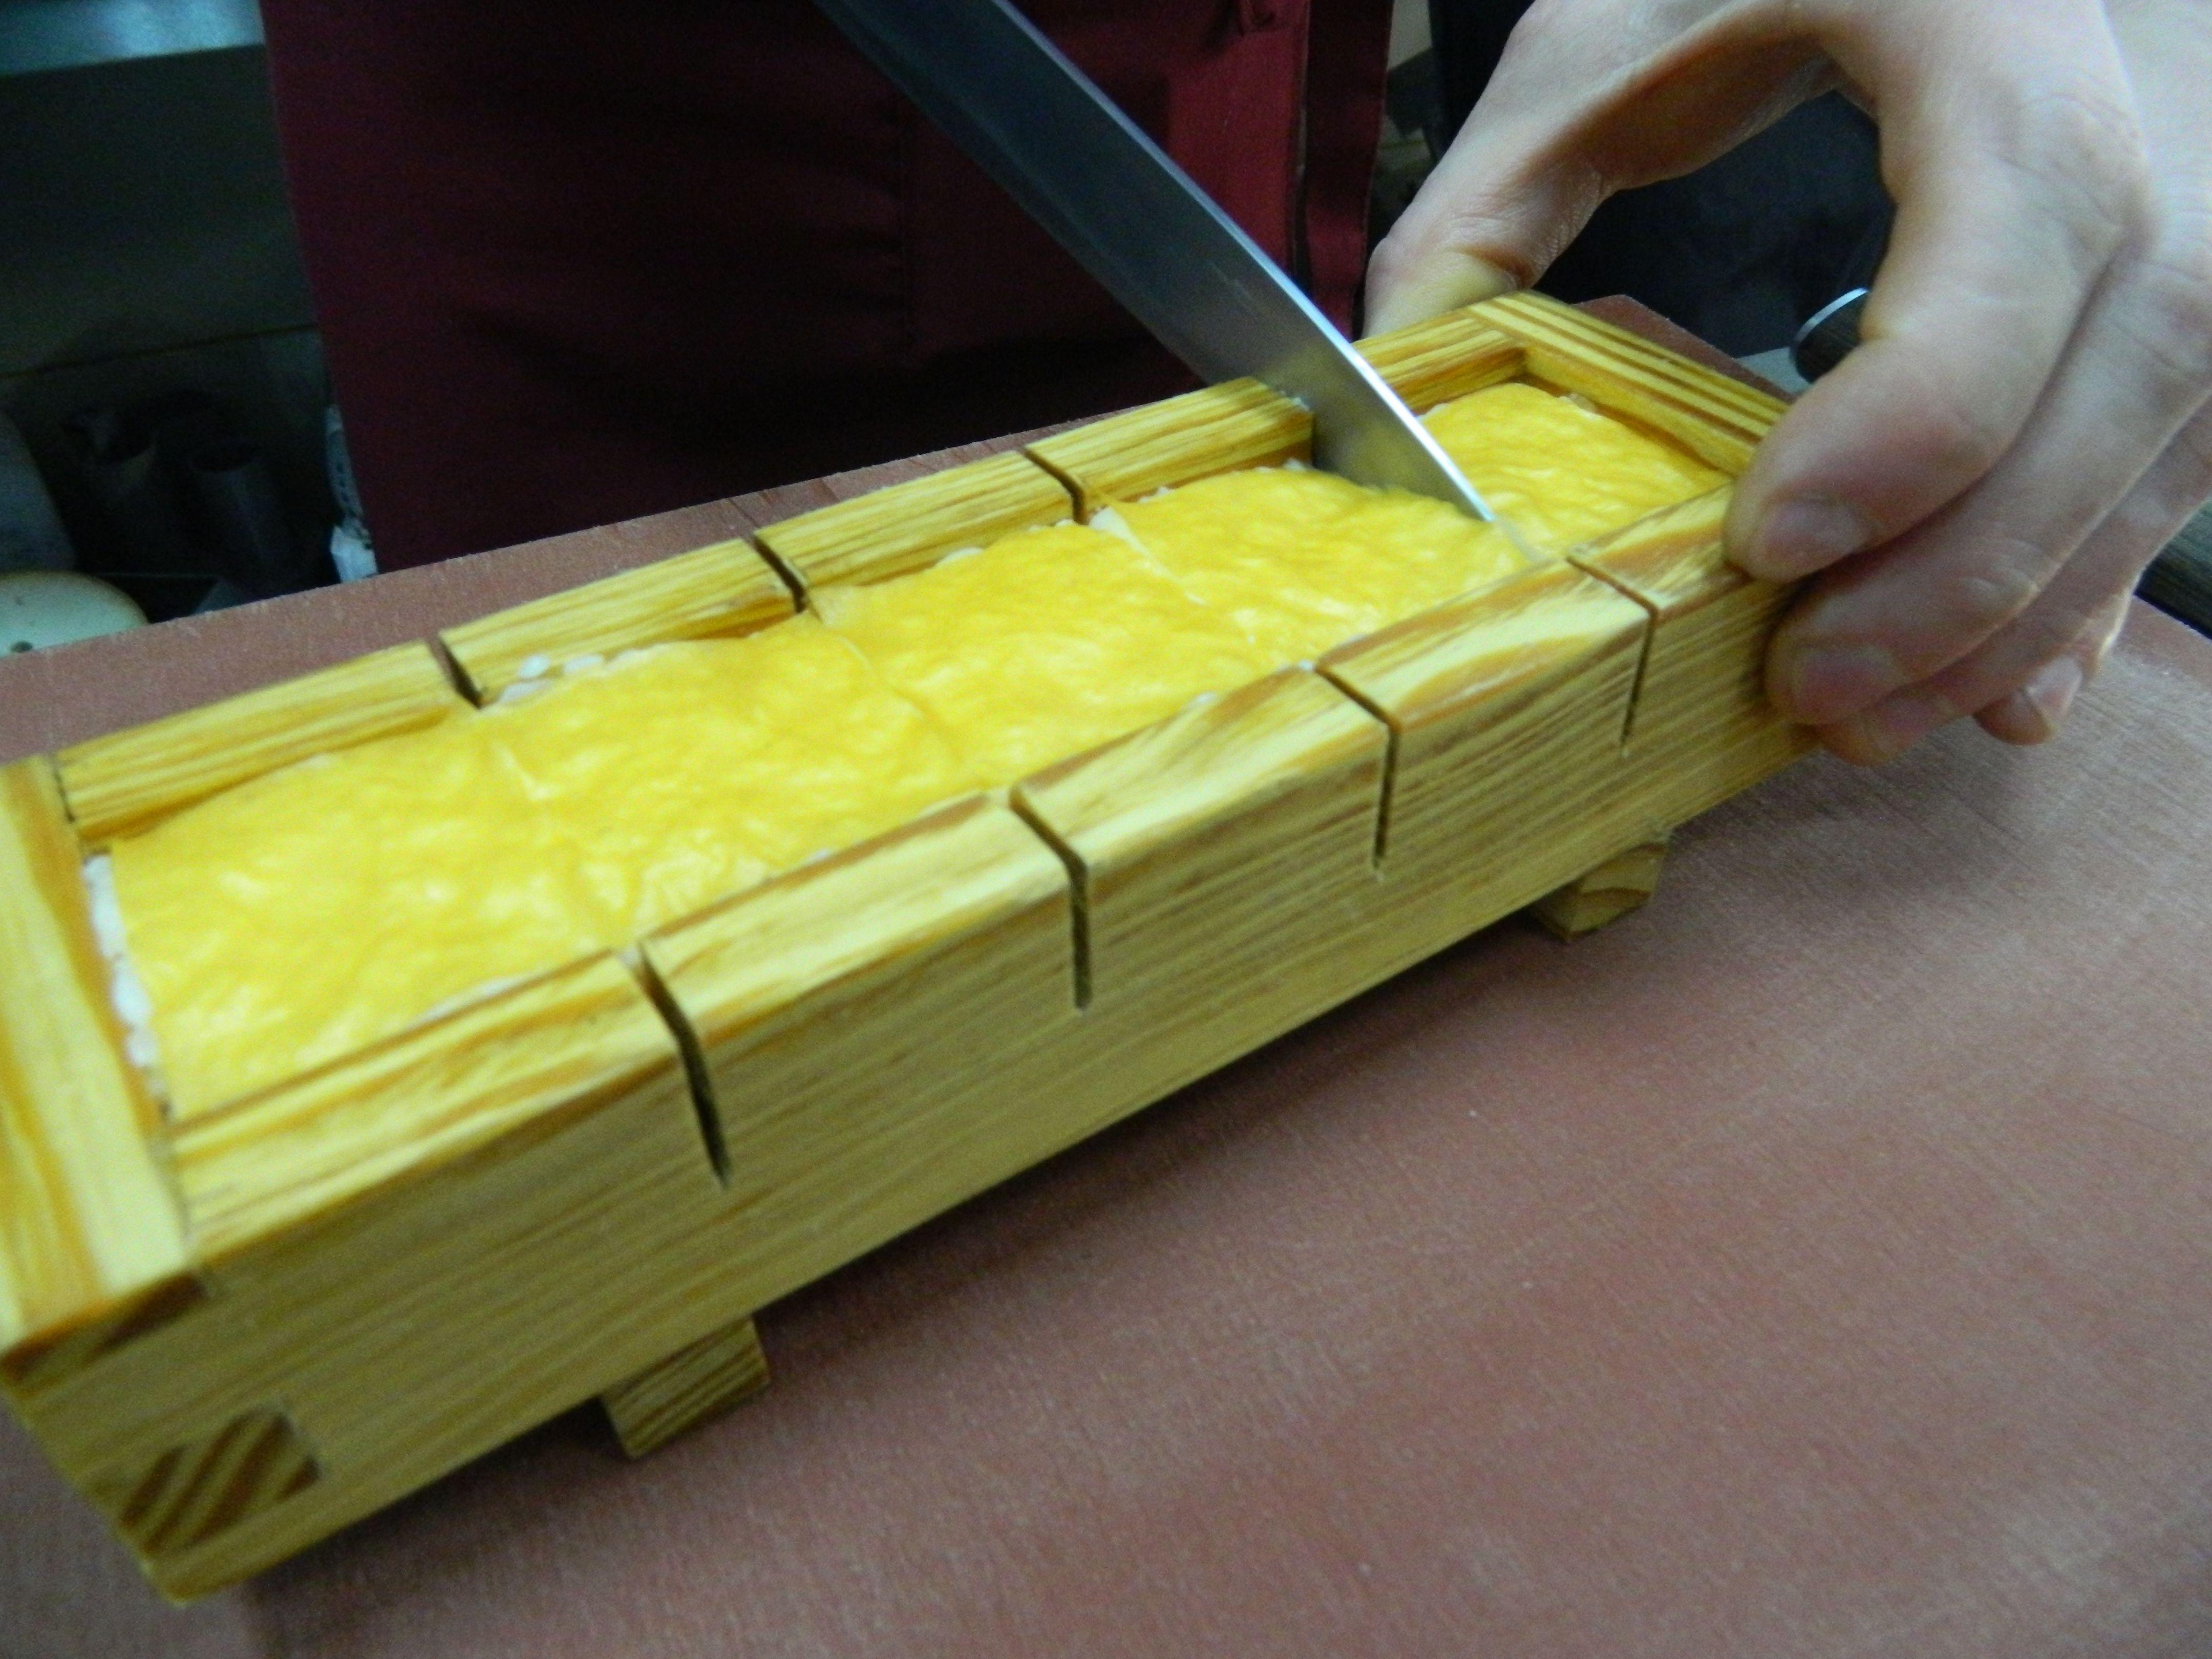 Розрізати рол на п'ять шматків, перед тим намочивши ніж, щоб не прилип до рису